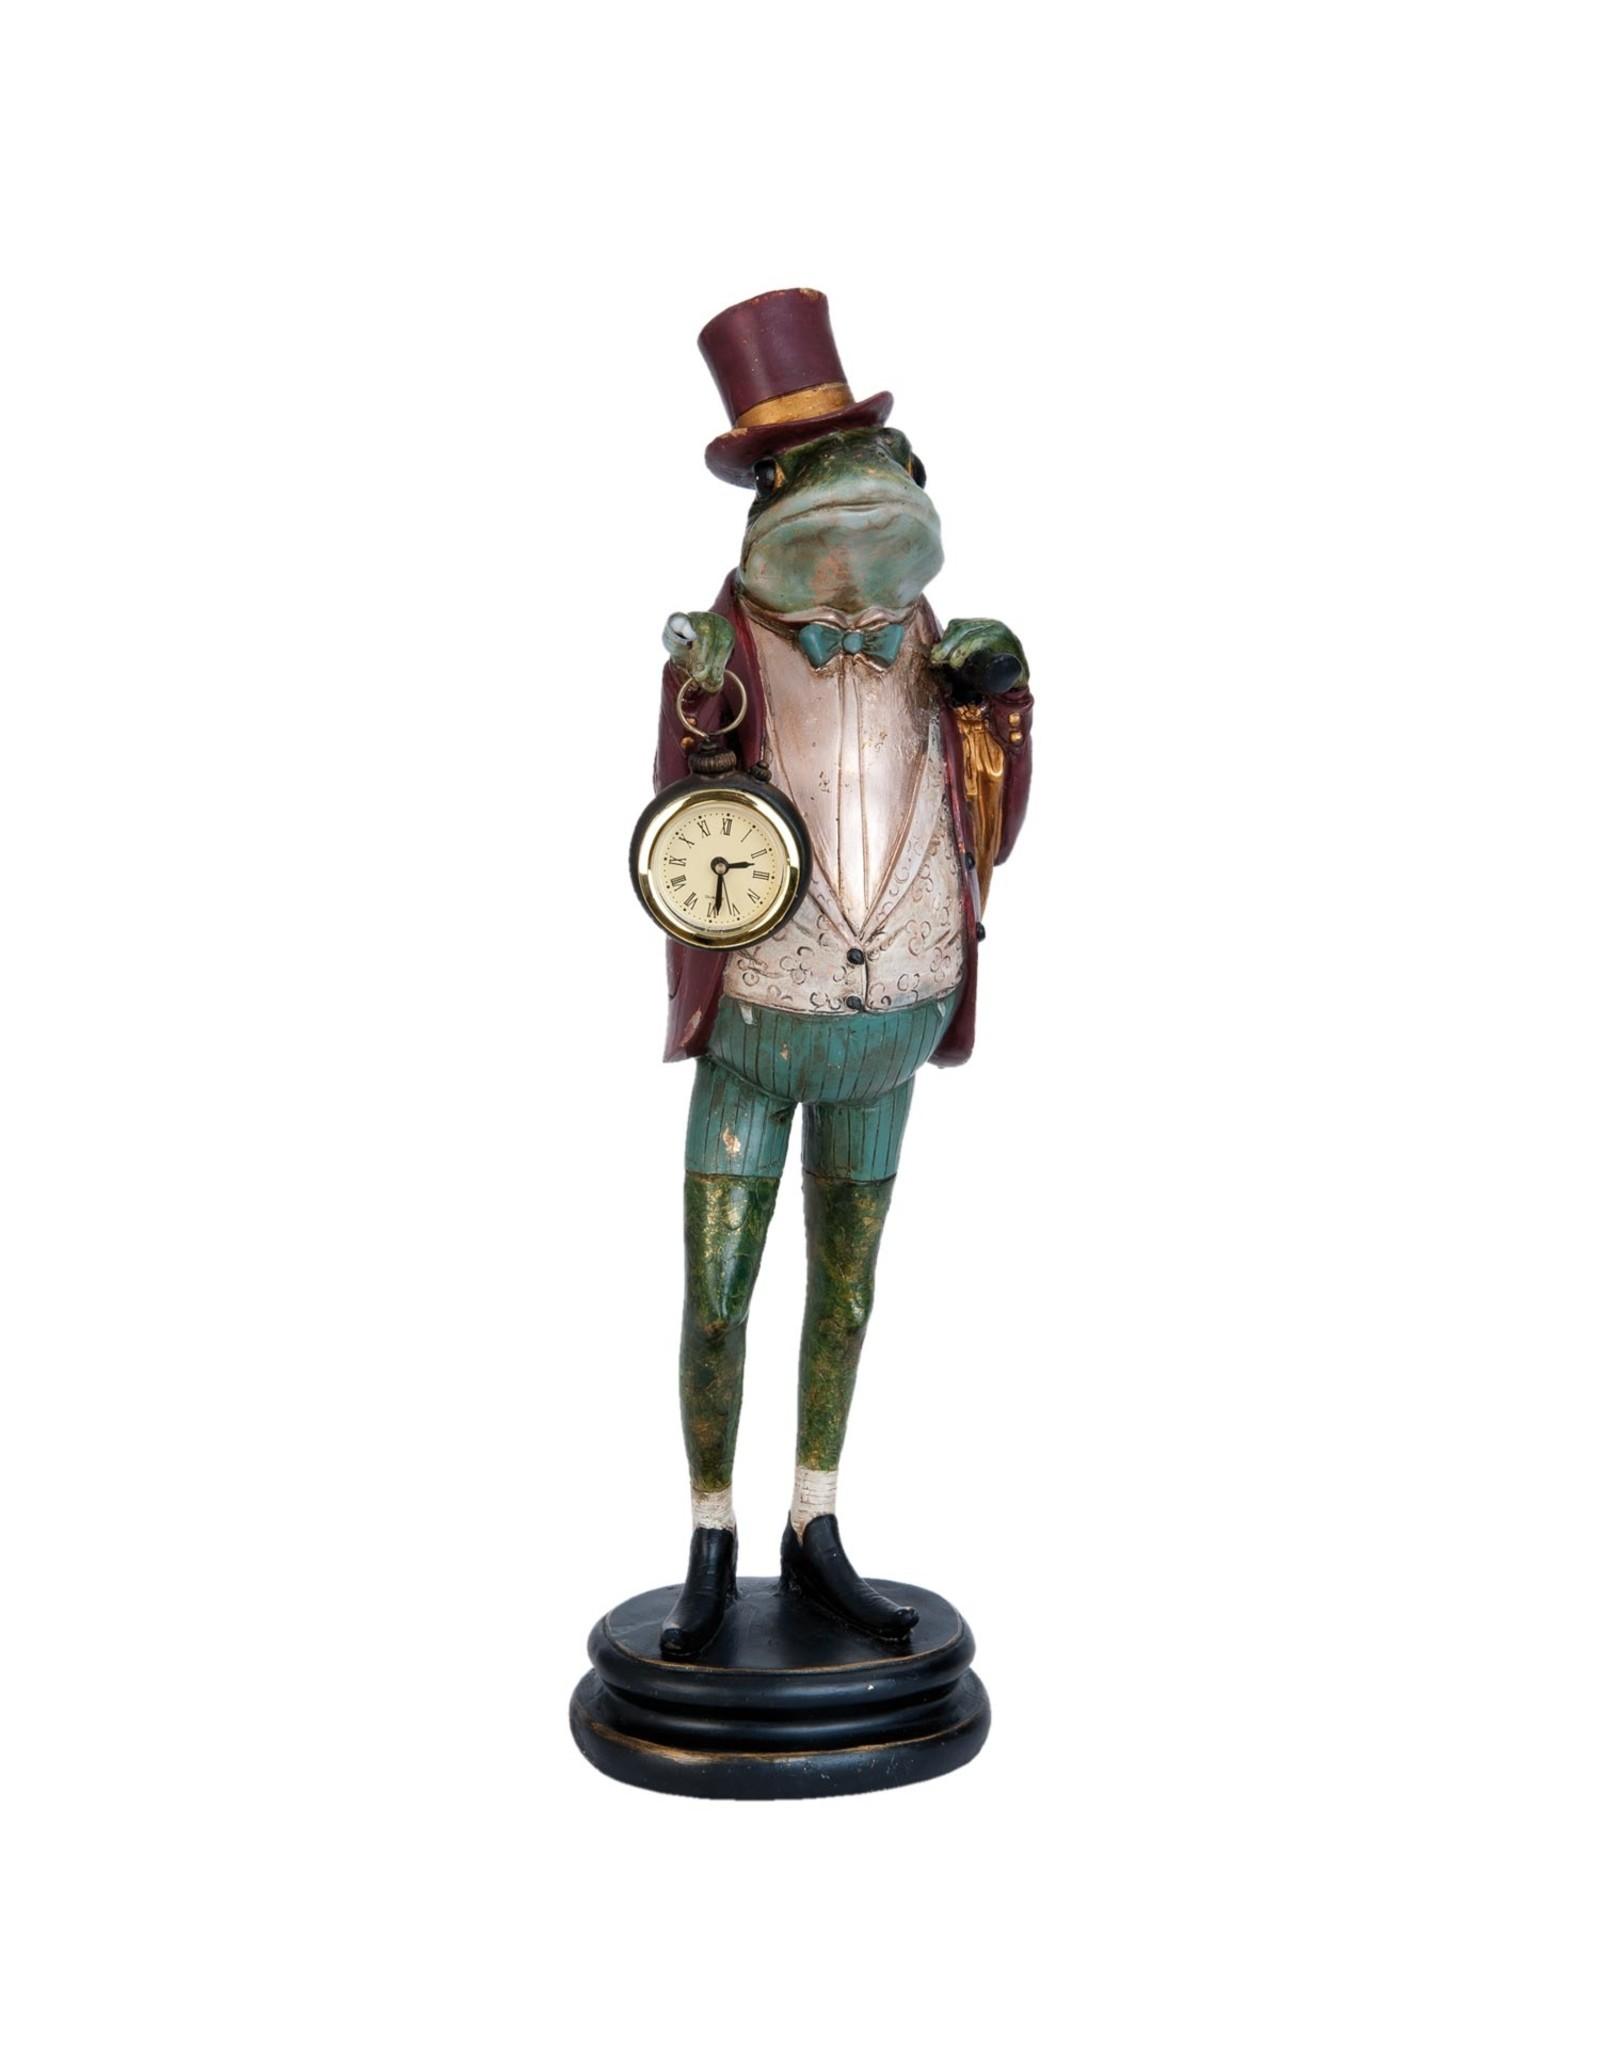 Trukado Giftware Beelden Collectables  - Kikker met echte klok beeld 44cm